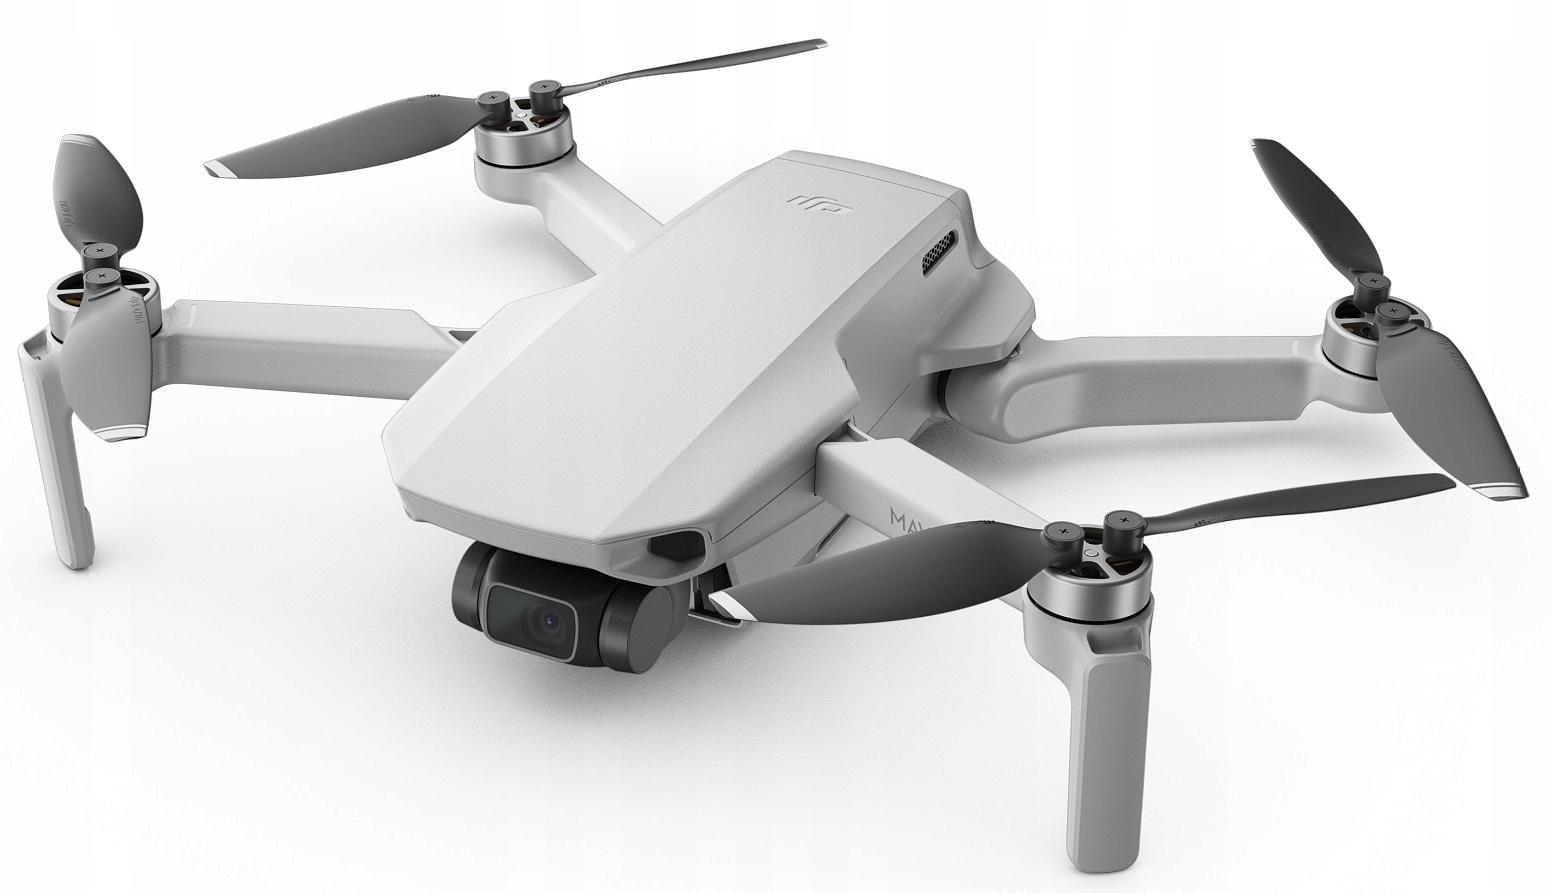 dron dji mavic mini rozlozony